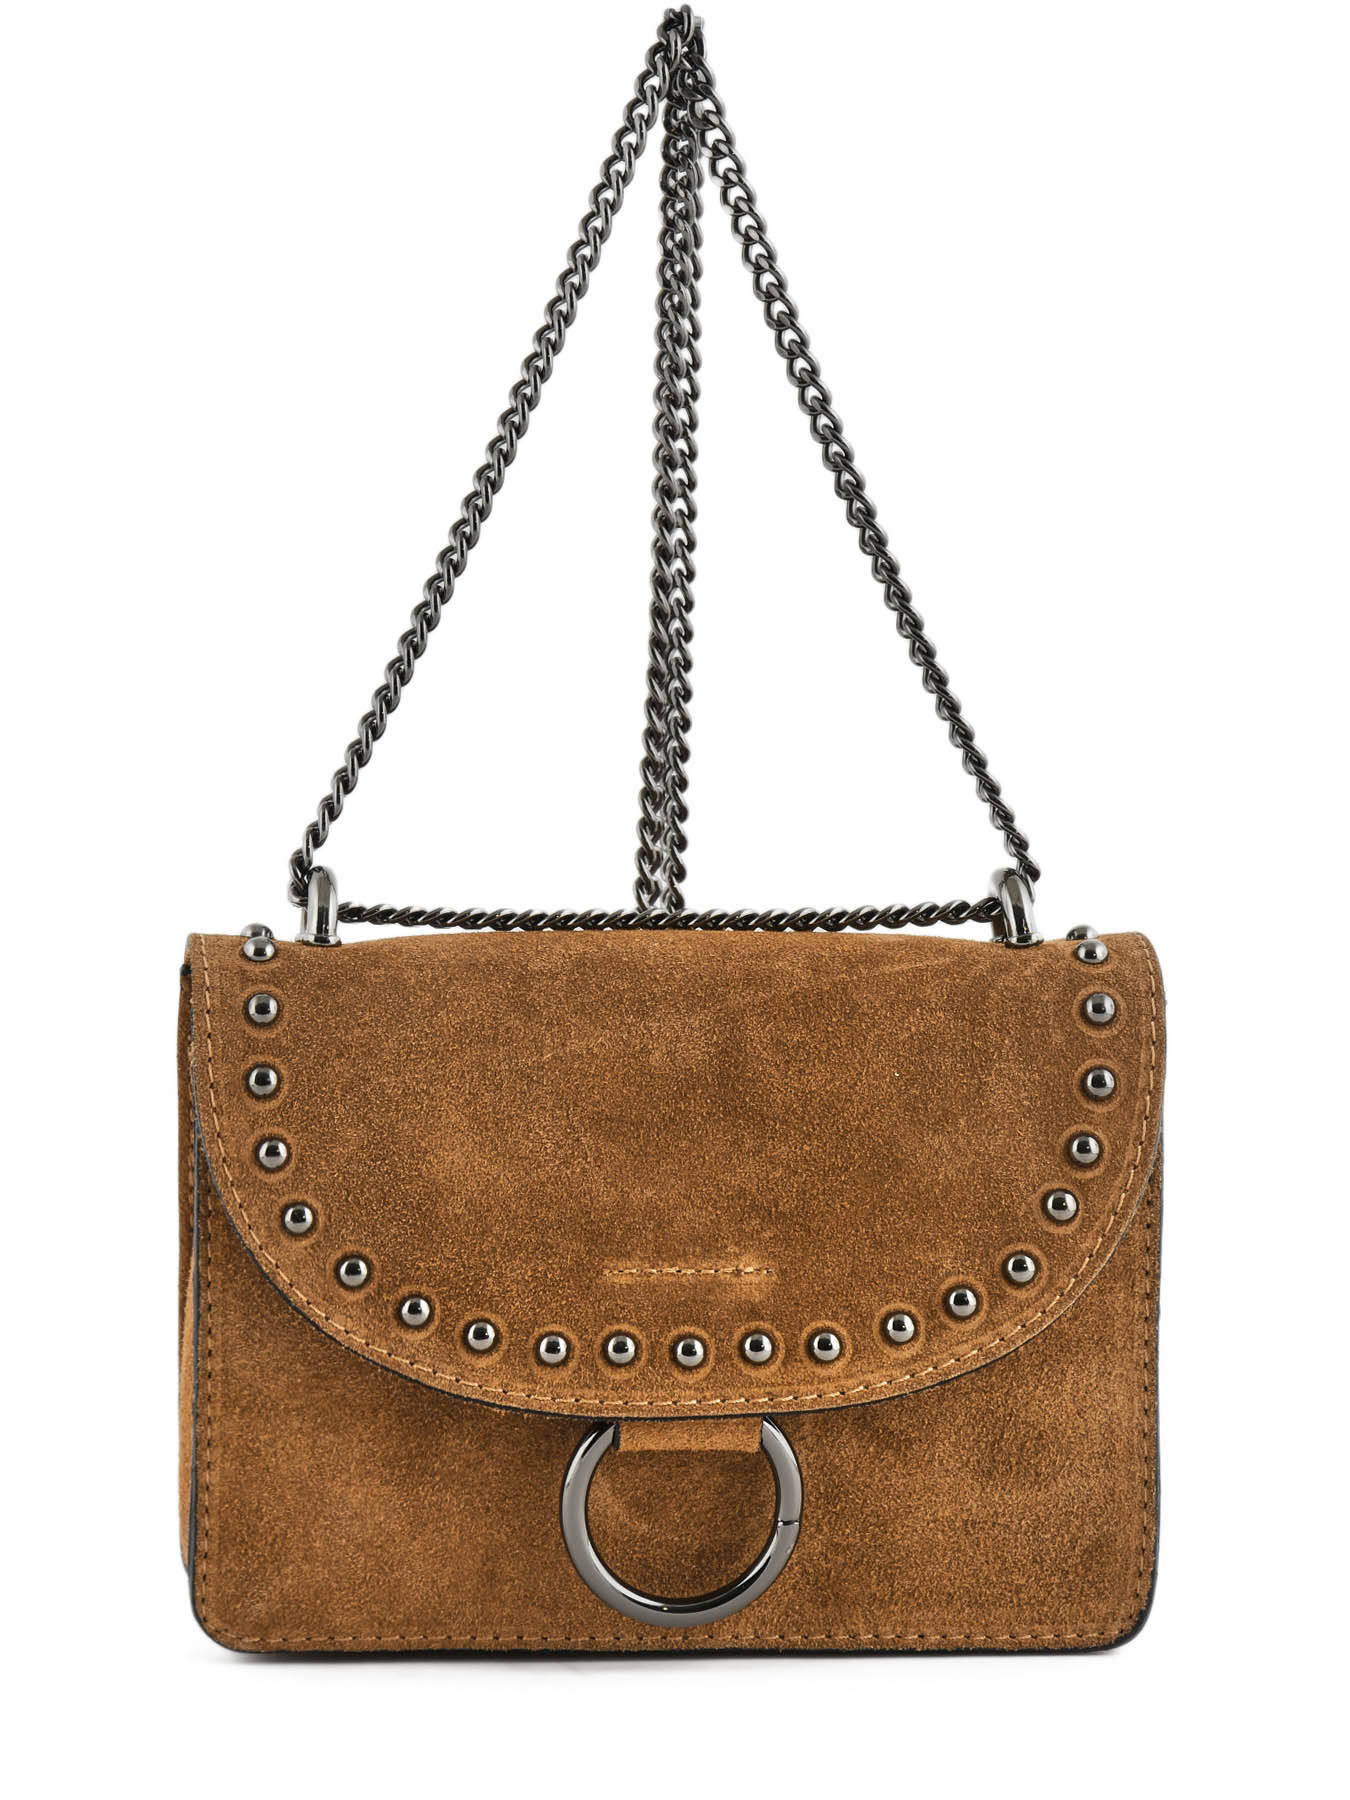 150a82a3d689 ... Crossbody Bag Velvet Leather Milano Brown velvet VC17111 ...